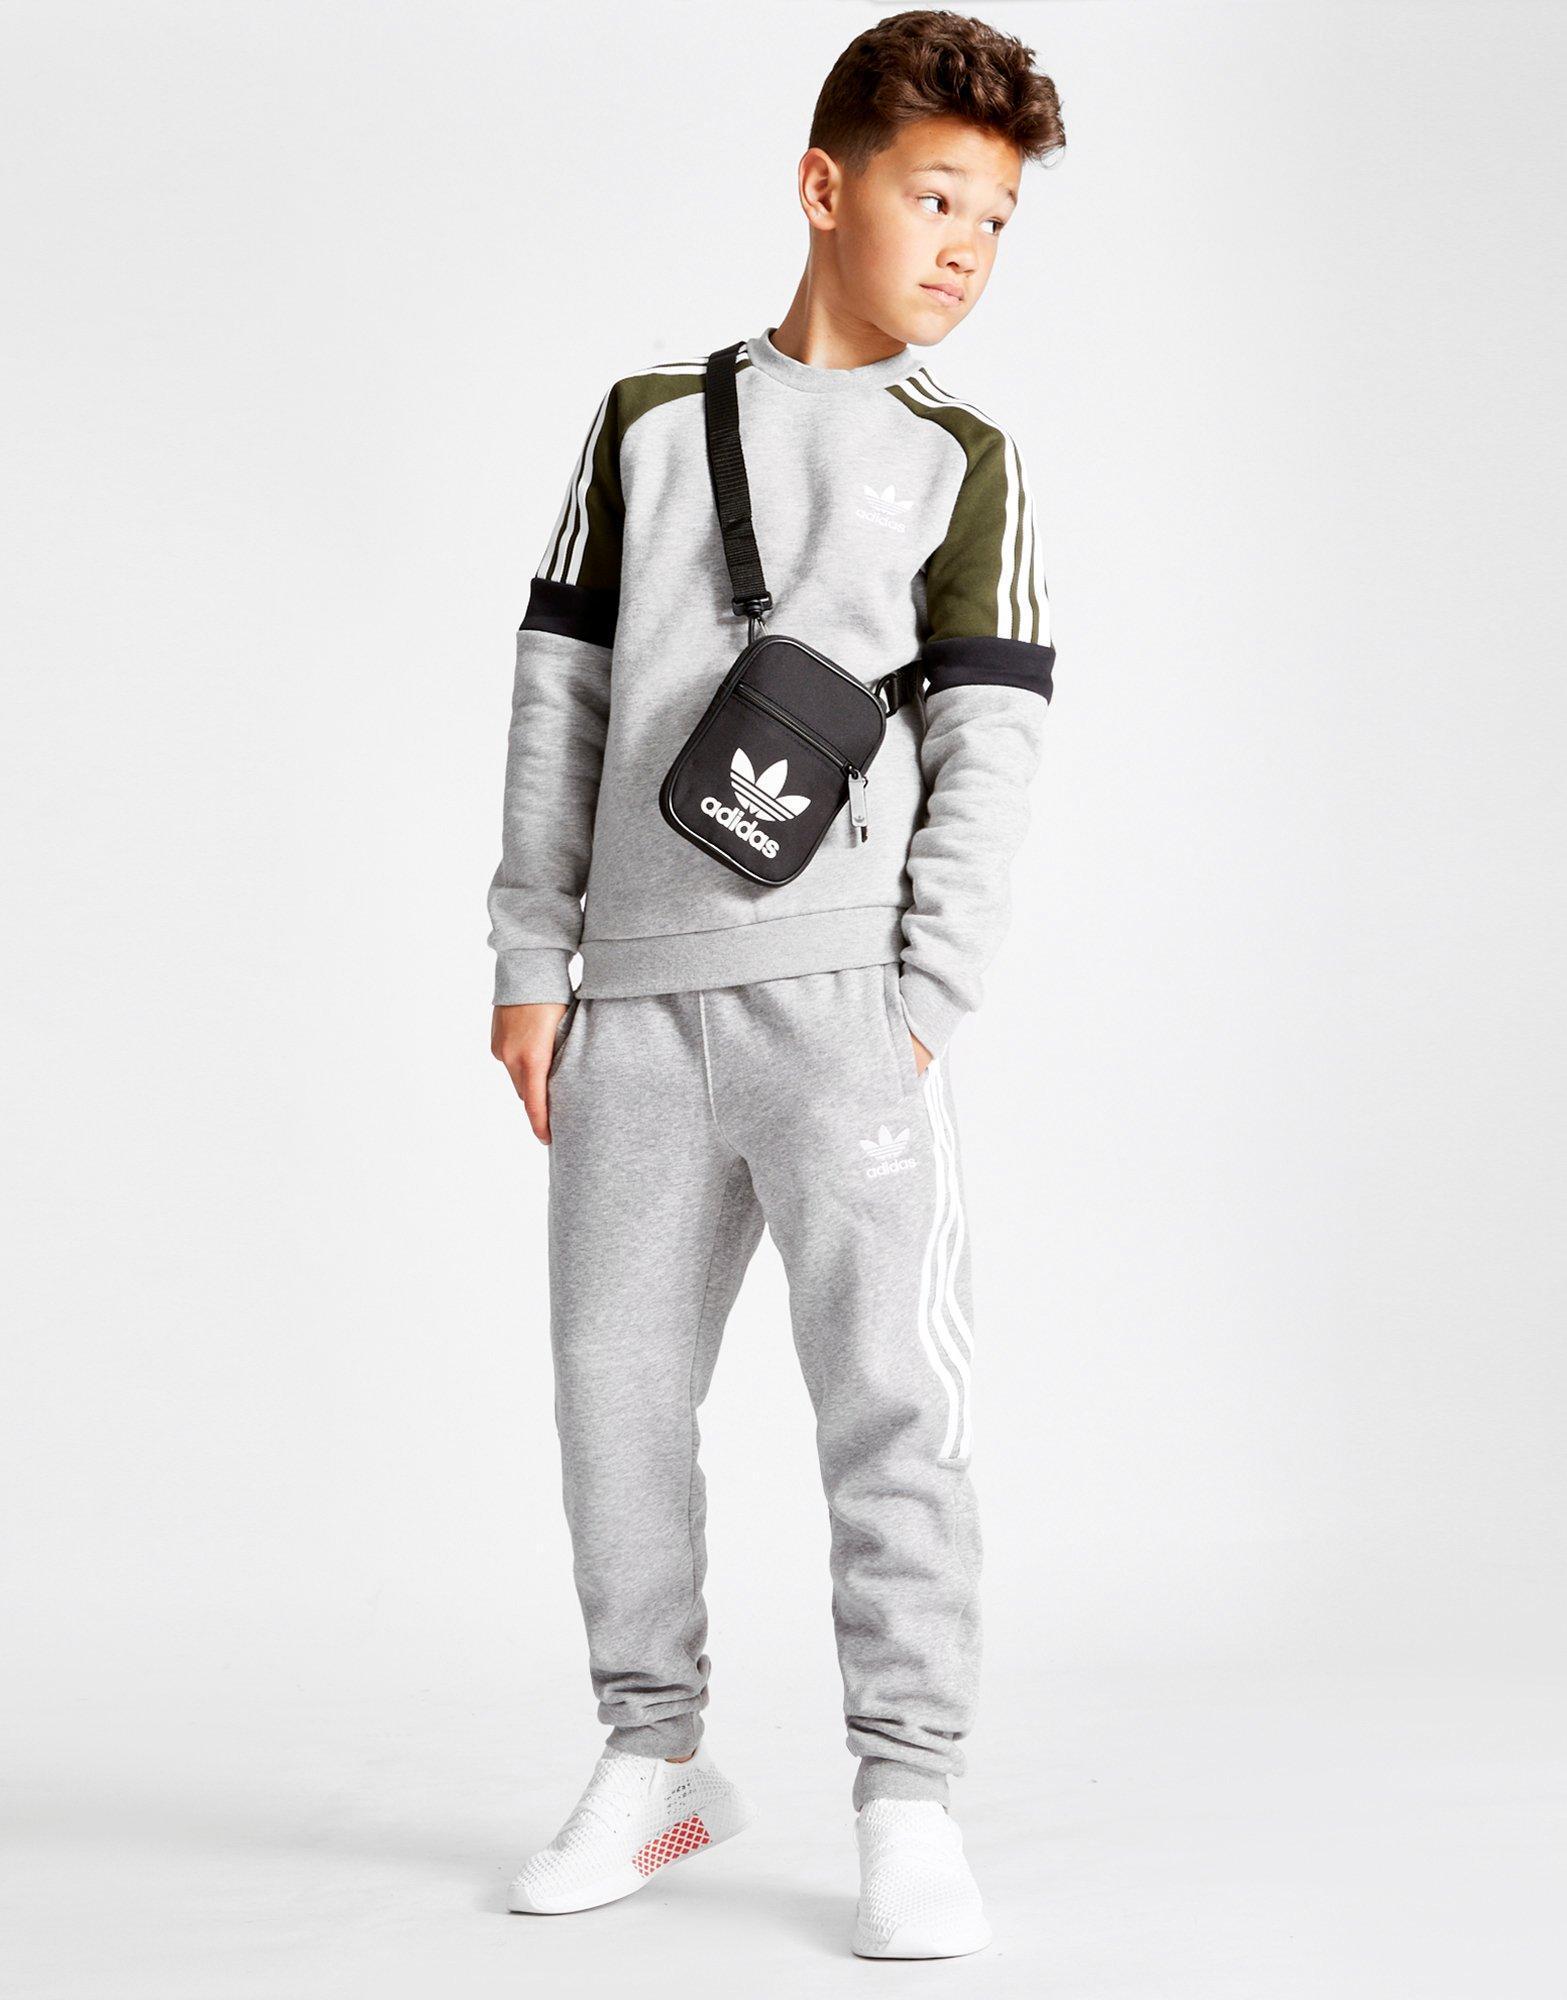 the best attitude 9aee5 eab22 Lyst Sweatshirt Men For Crew Europe Adidas Gray Junior In Originals IOnzIx6r